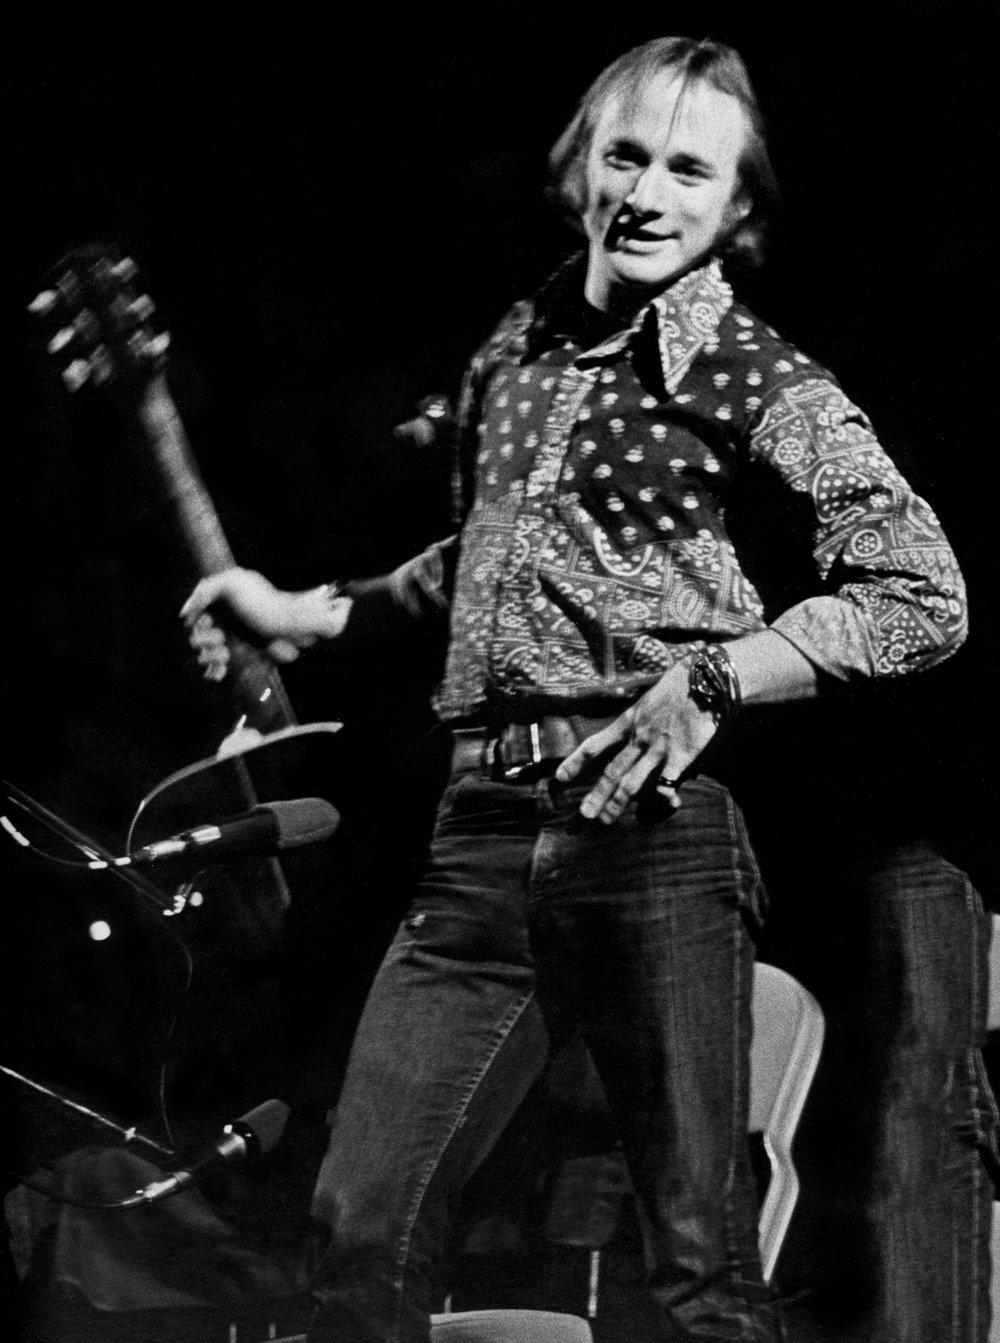 Stephen Stills, Los Angeles 1972